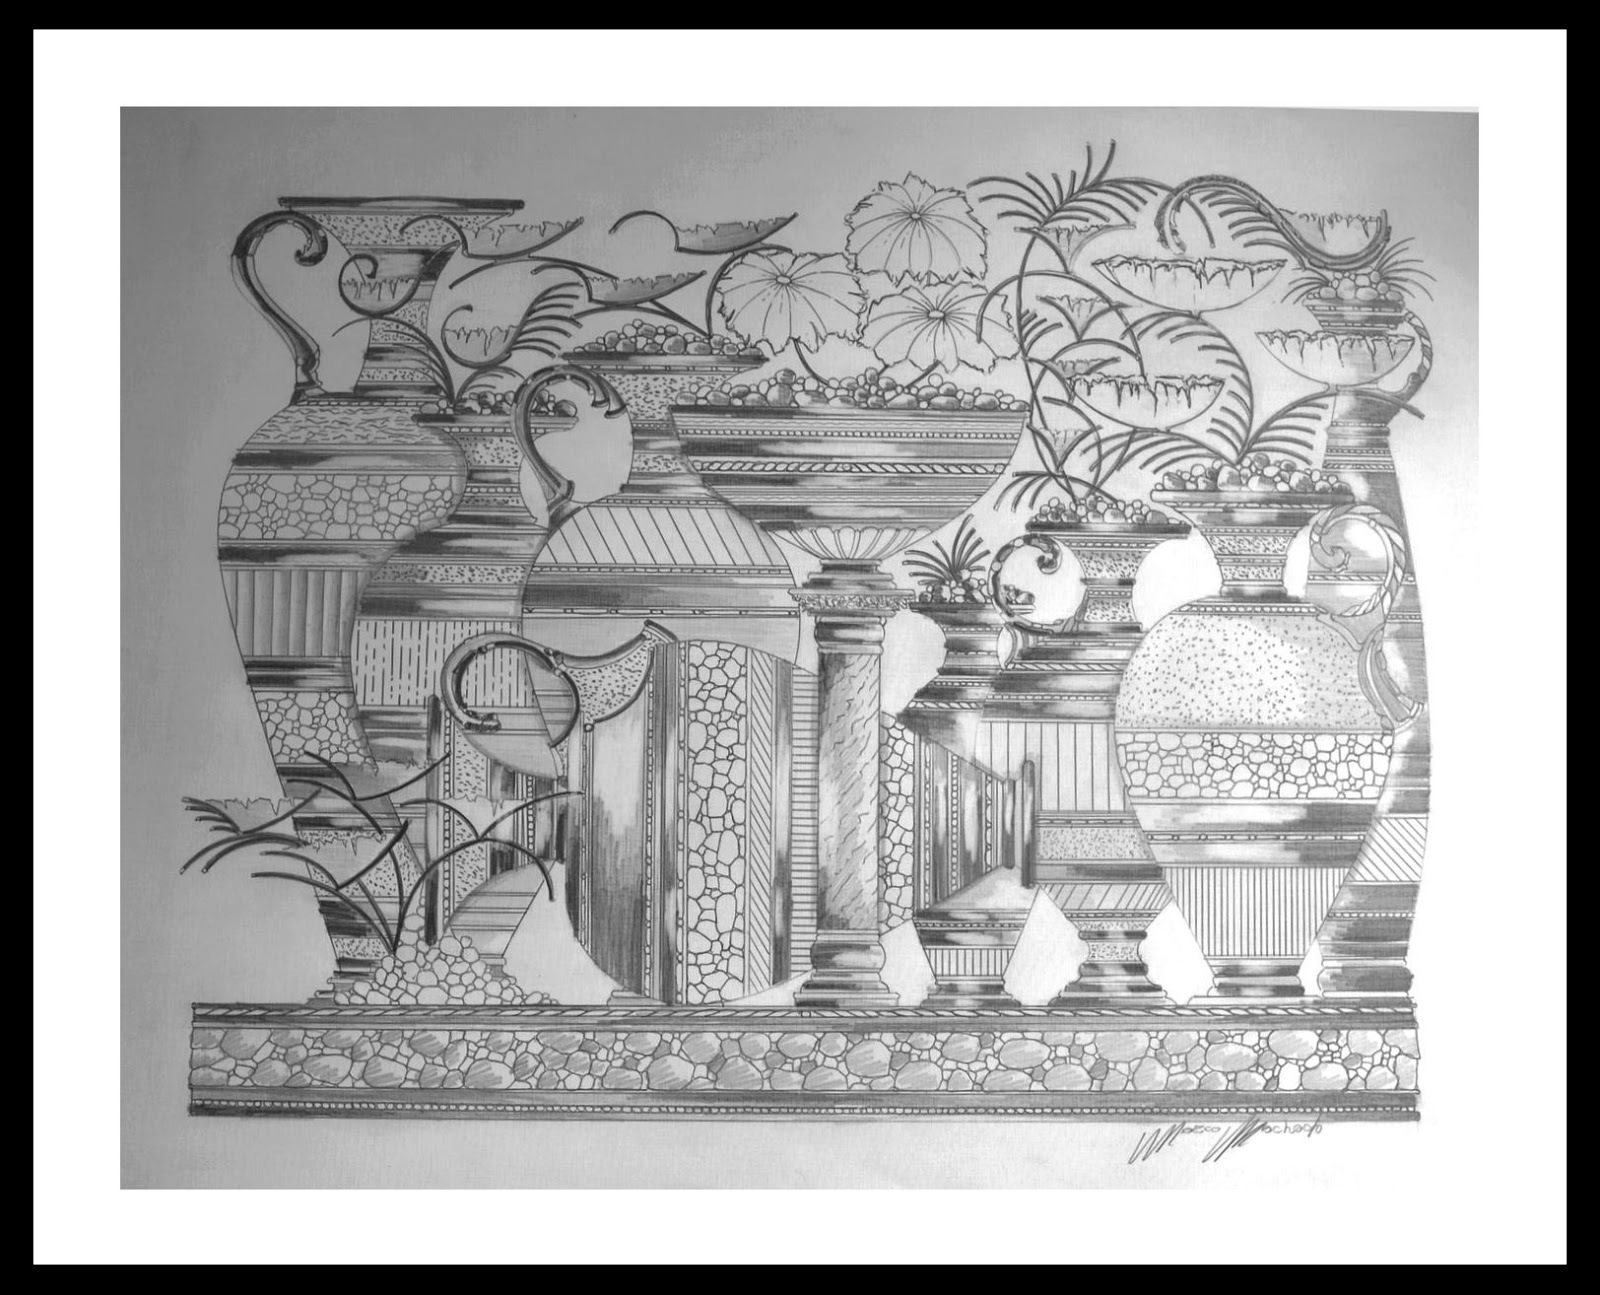 Obras & Artes.